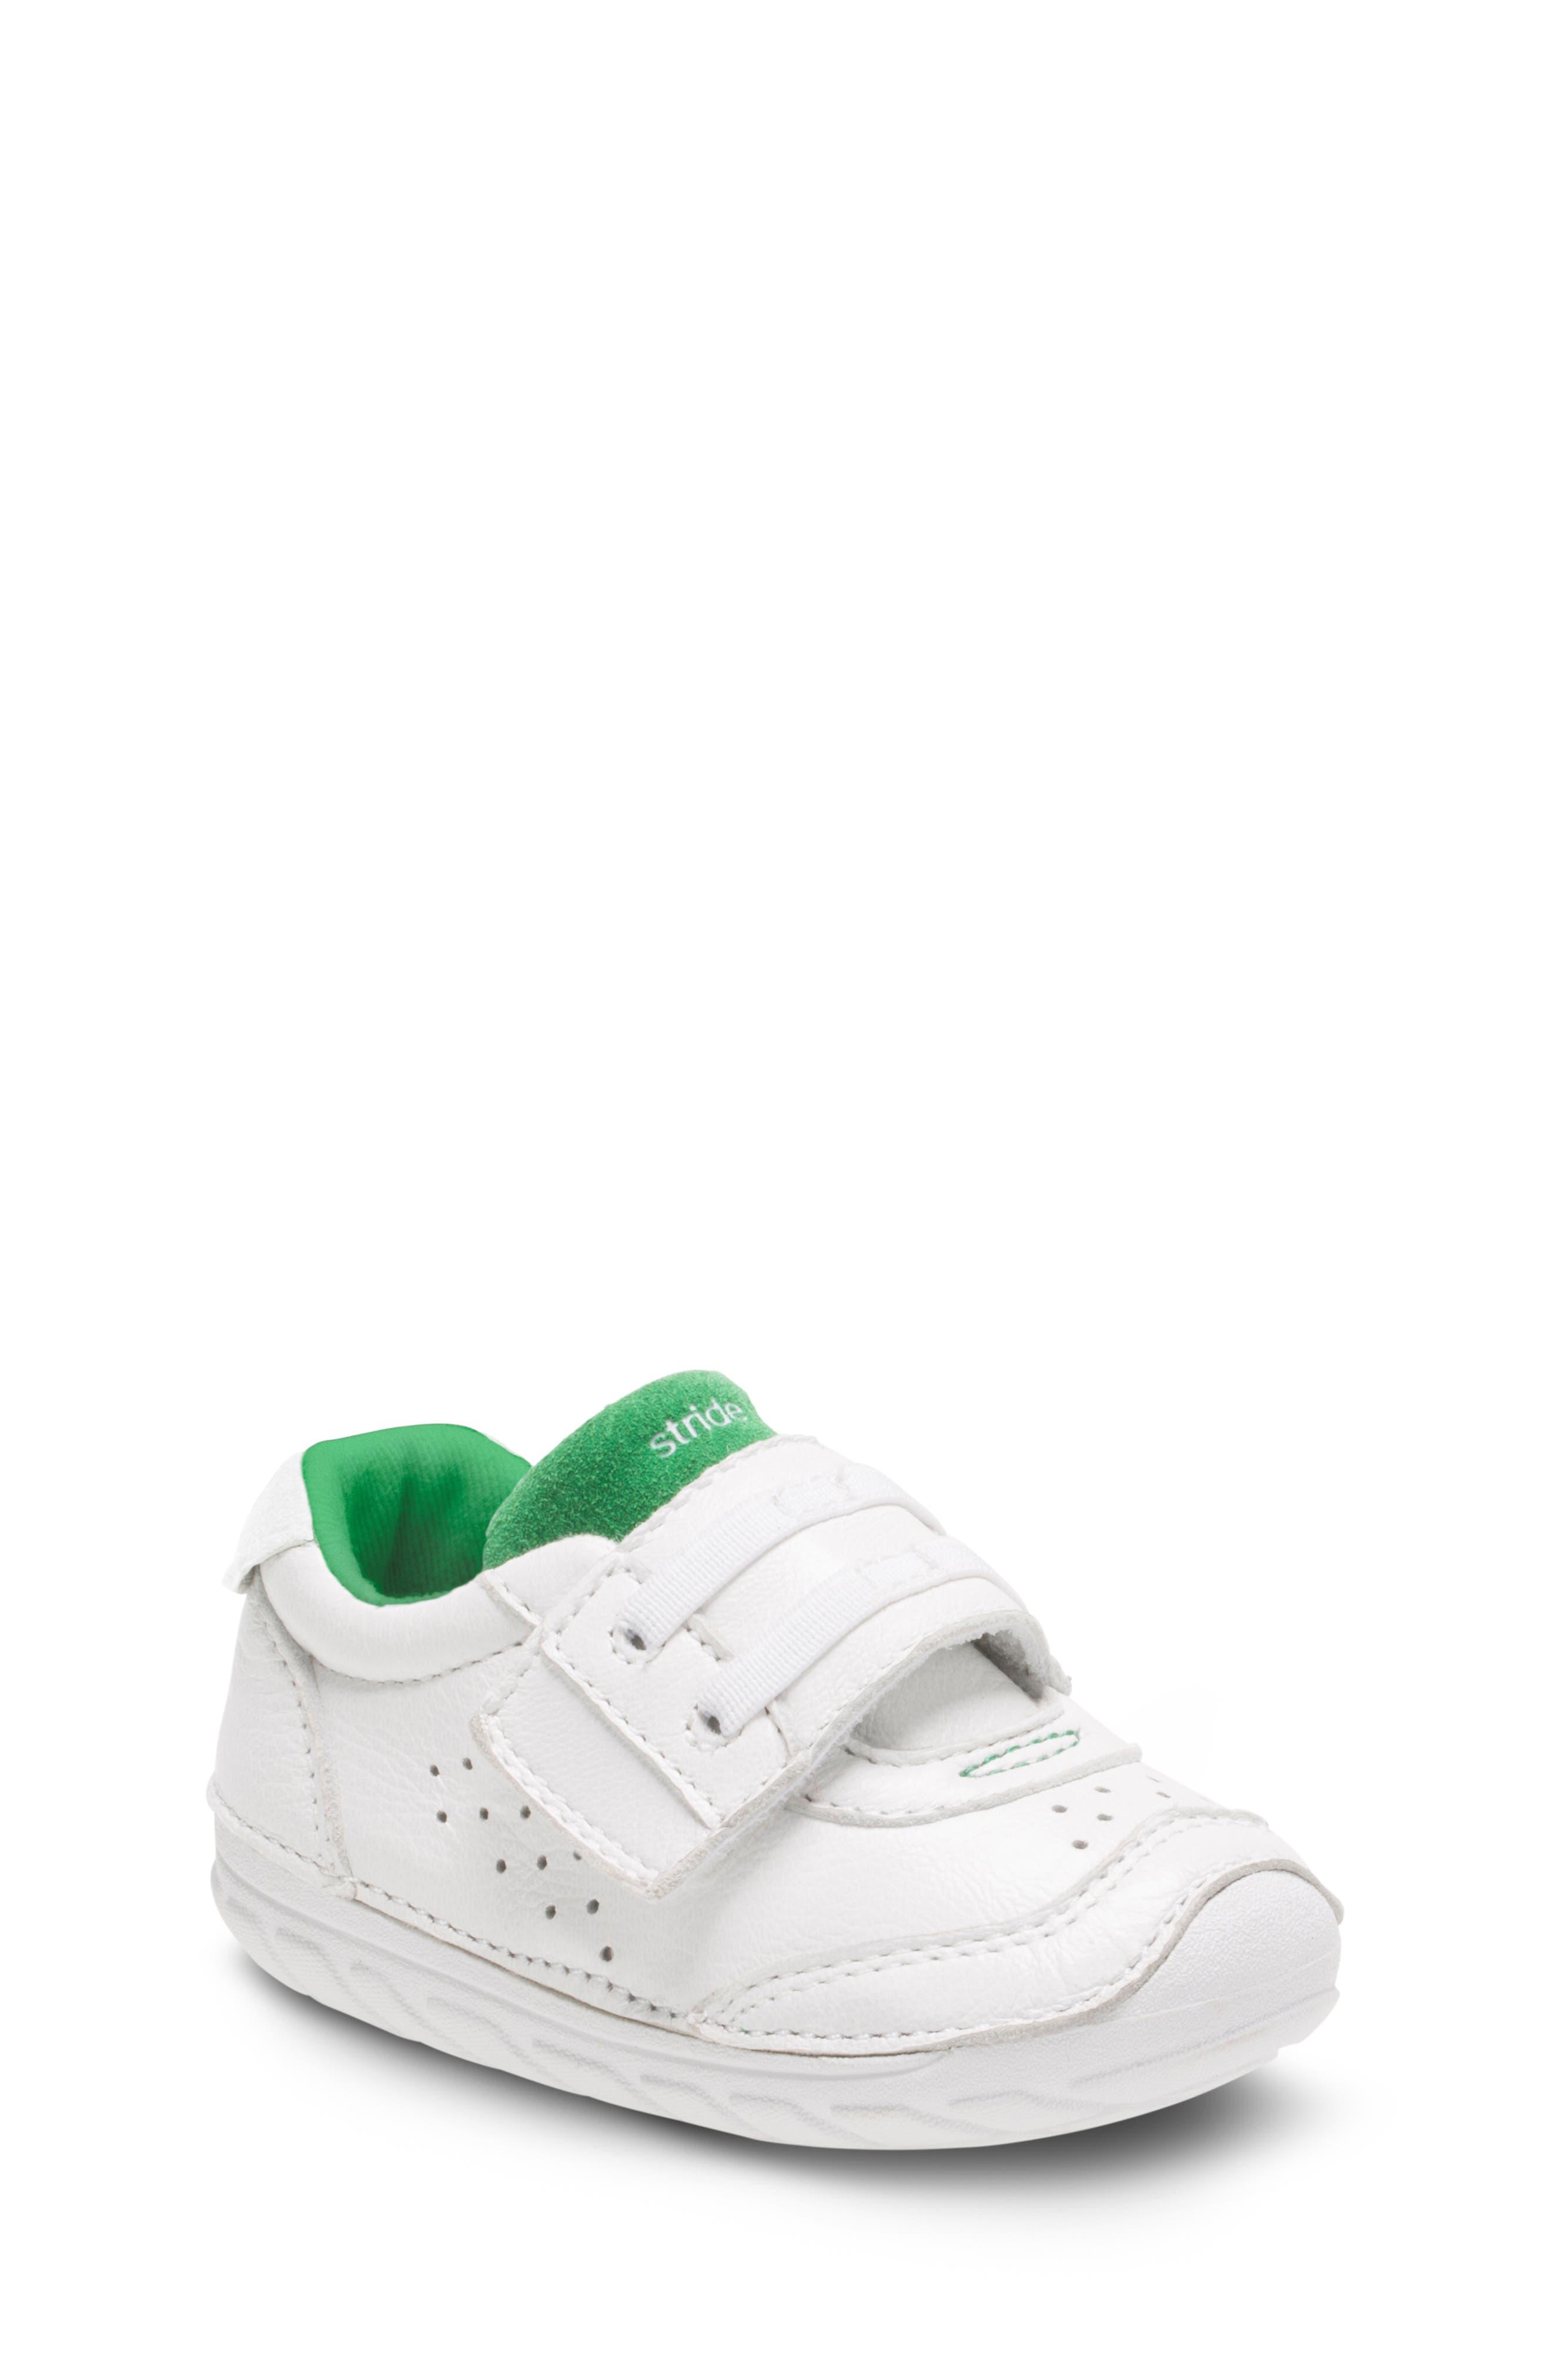 Soft Motion Wyatt Sneaker,                             Main thumbnail 1, color,                             WHITE